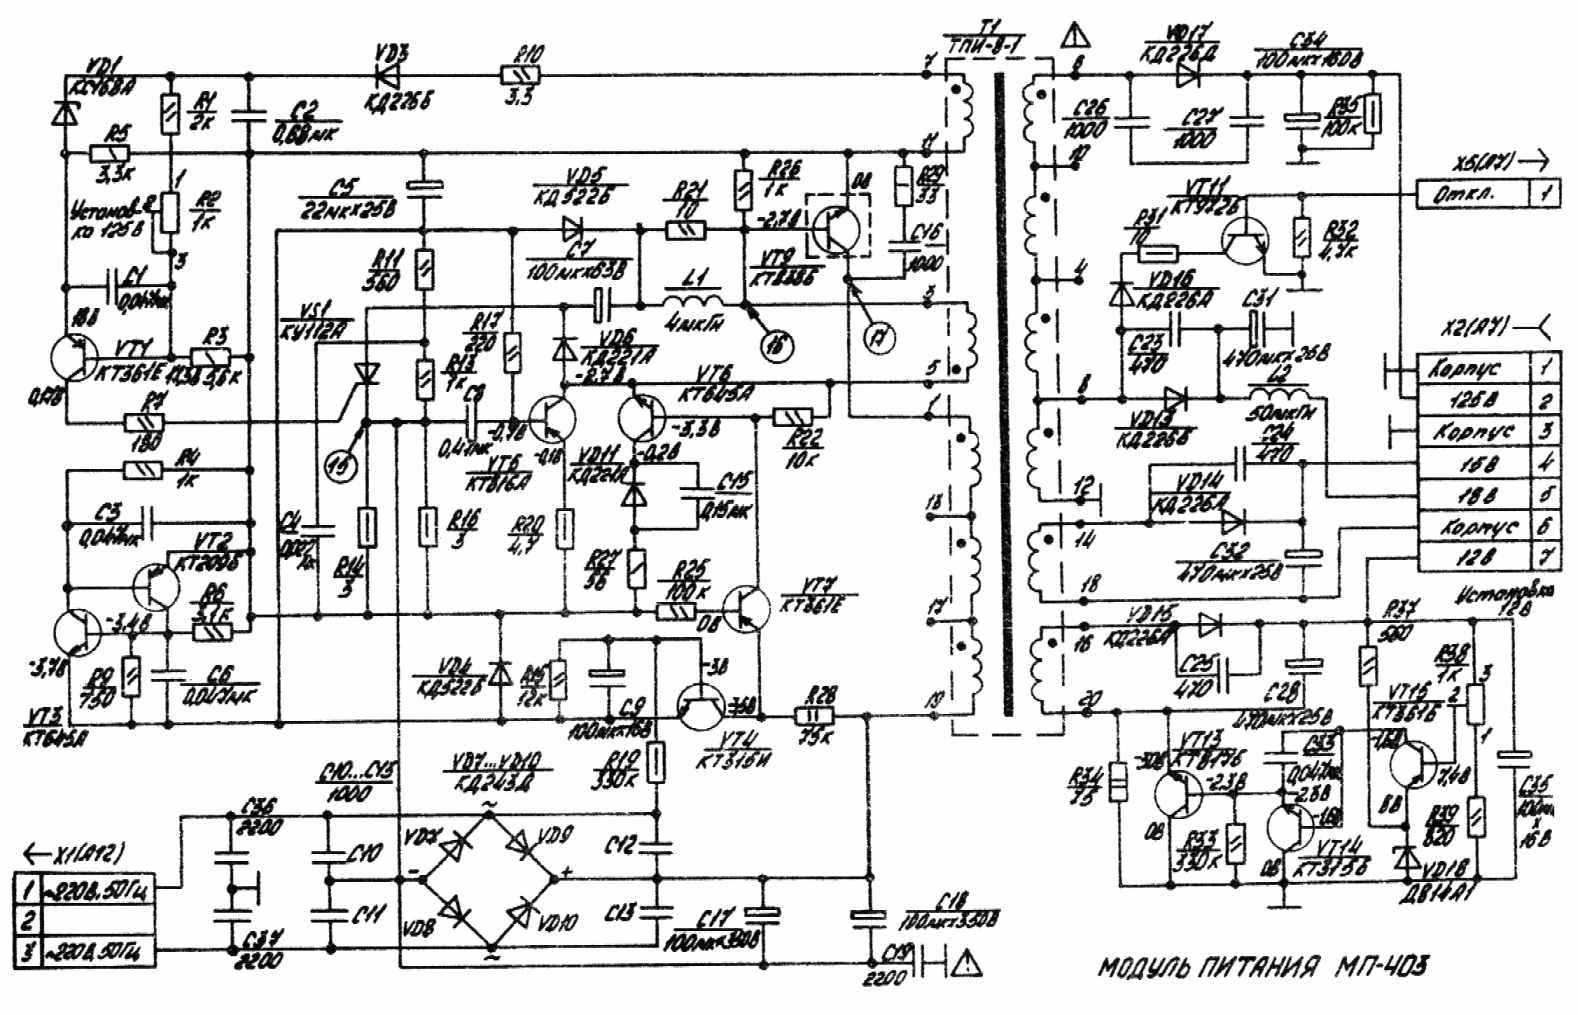 Техническая документация по ремонту, сервисная инструкция на английском языке